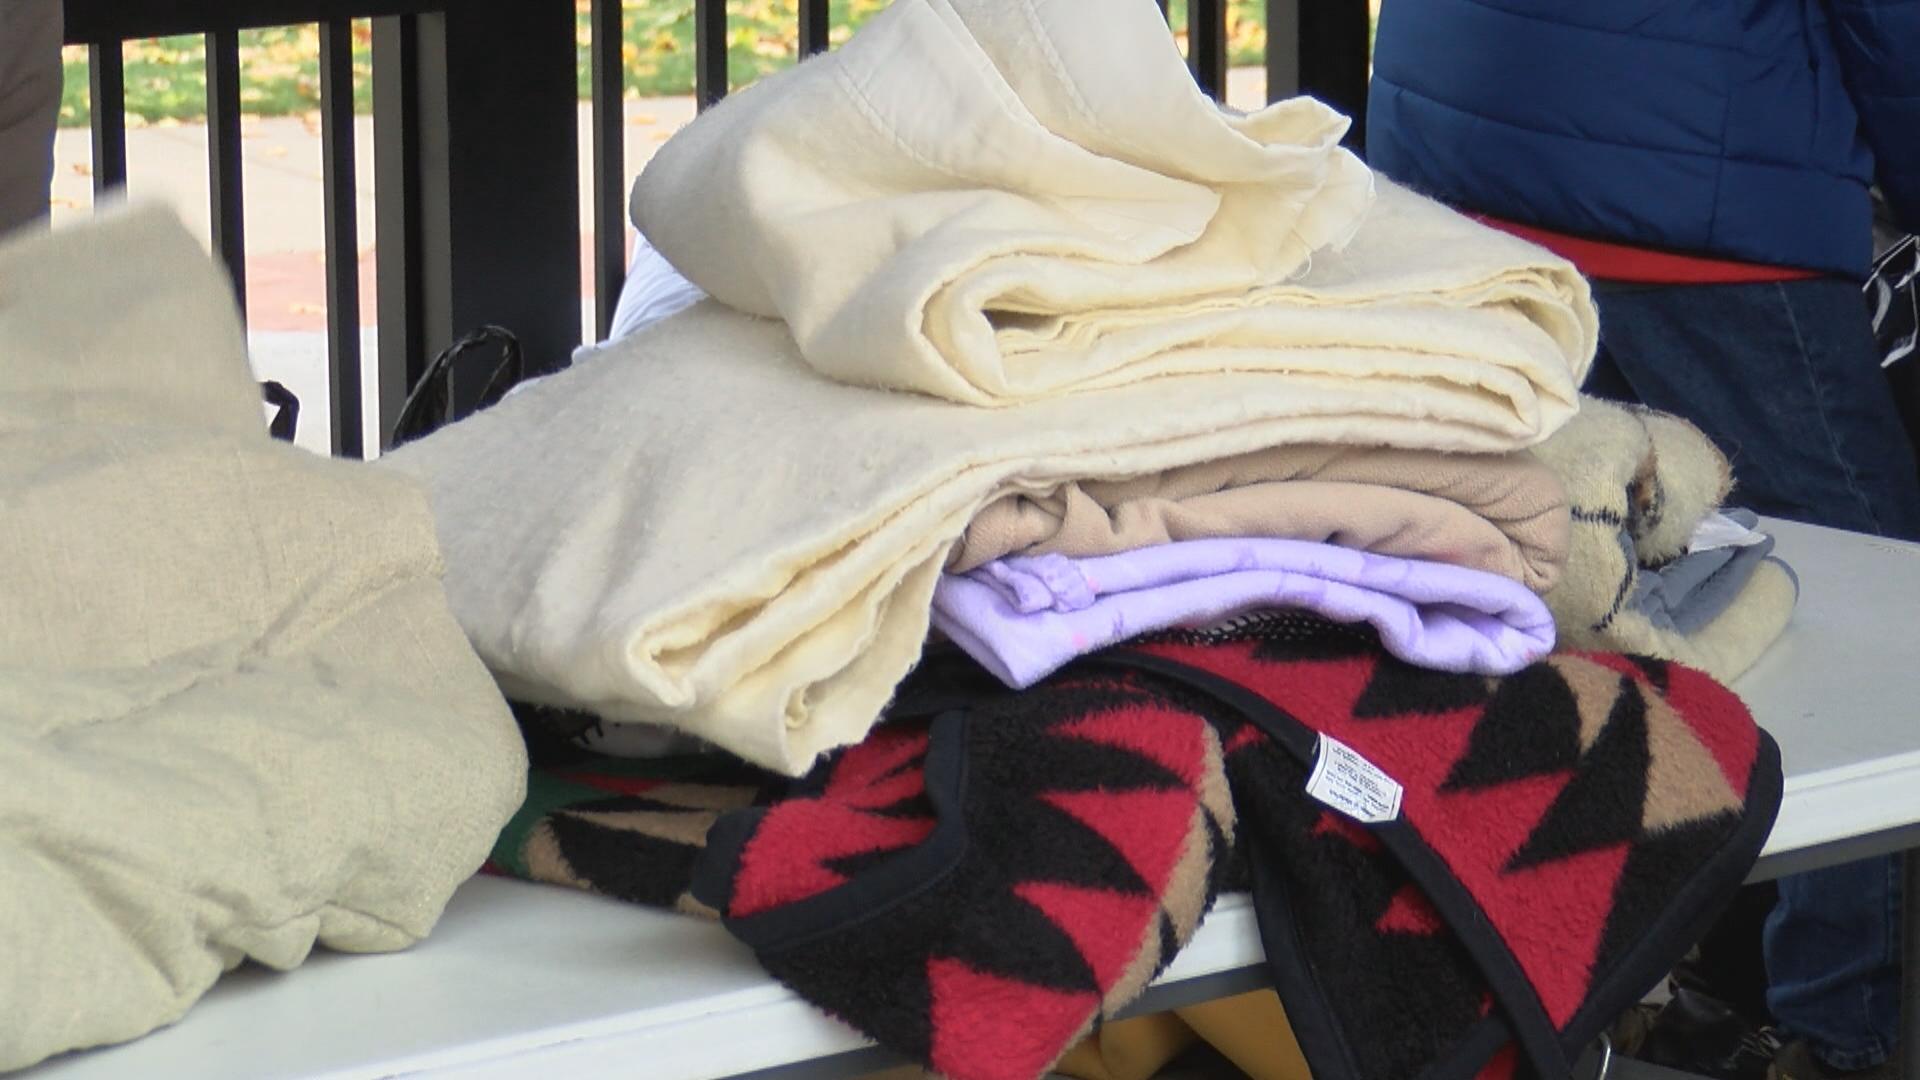 blizzard of blankets _1542495246840.jpg.jpg